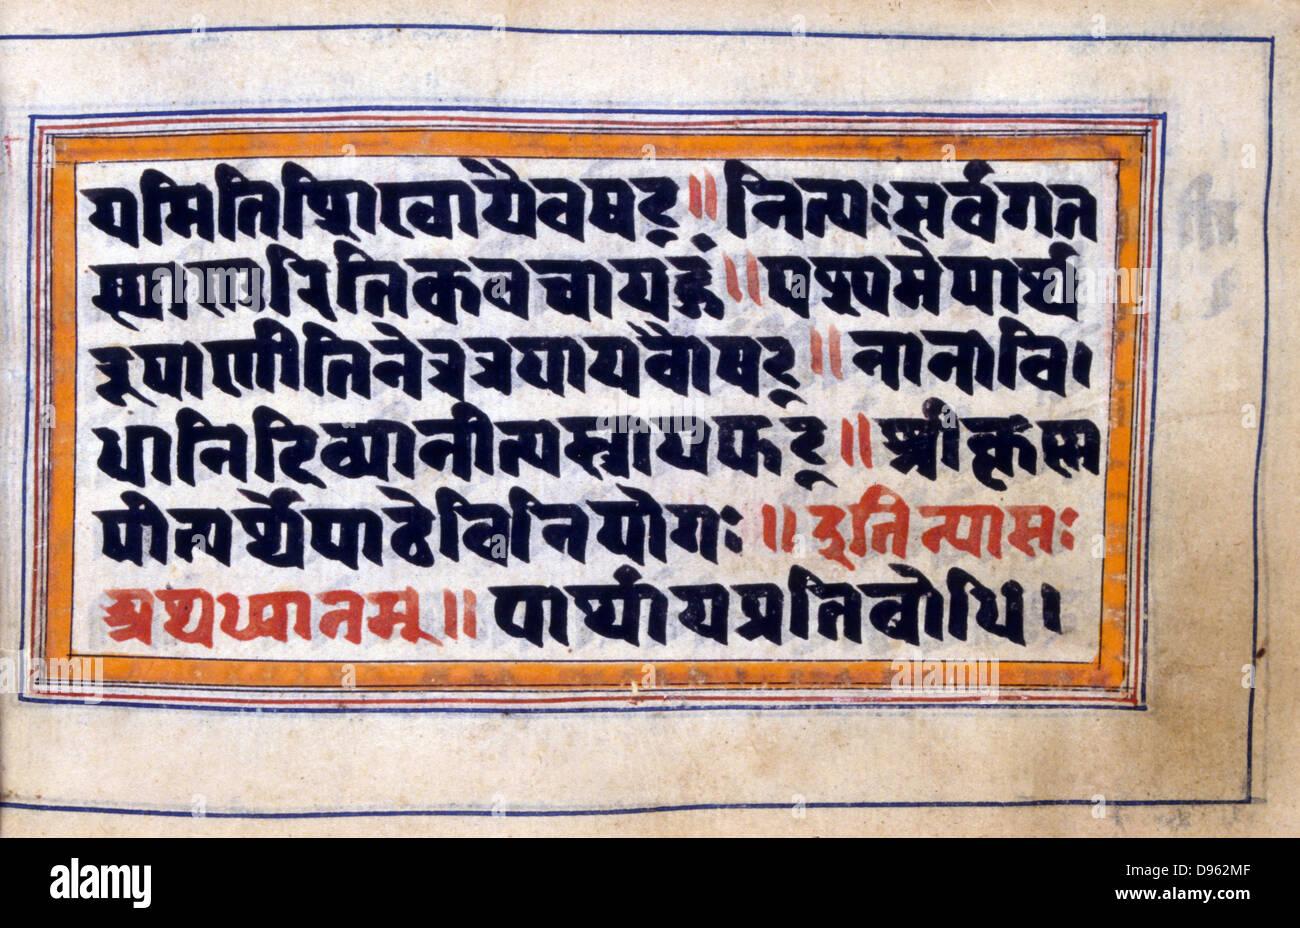 North Indian Manuskript, 18. / 19. Jahrhundert, erzählt Episoden im Leben Krishnas.  Aus der Bhagavad-Gita. Stockbild